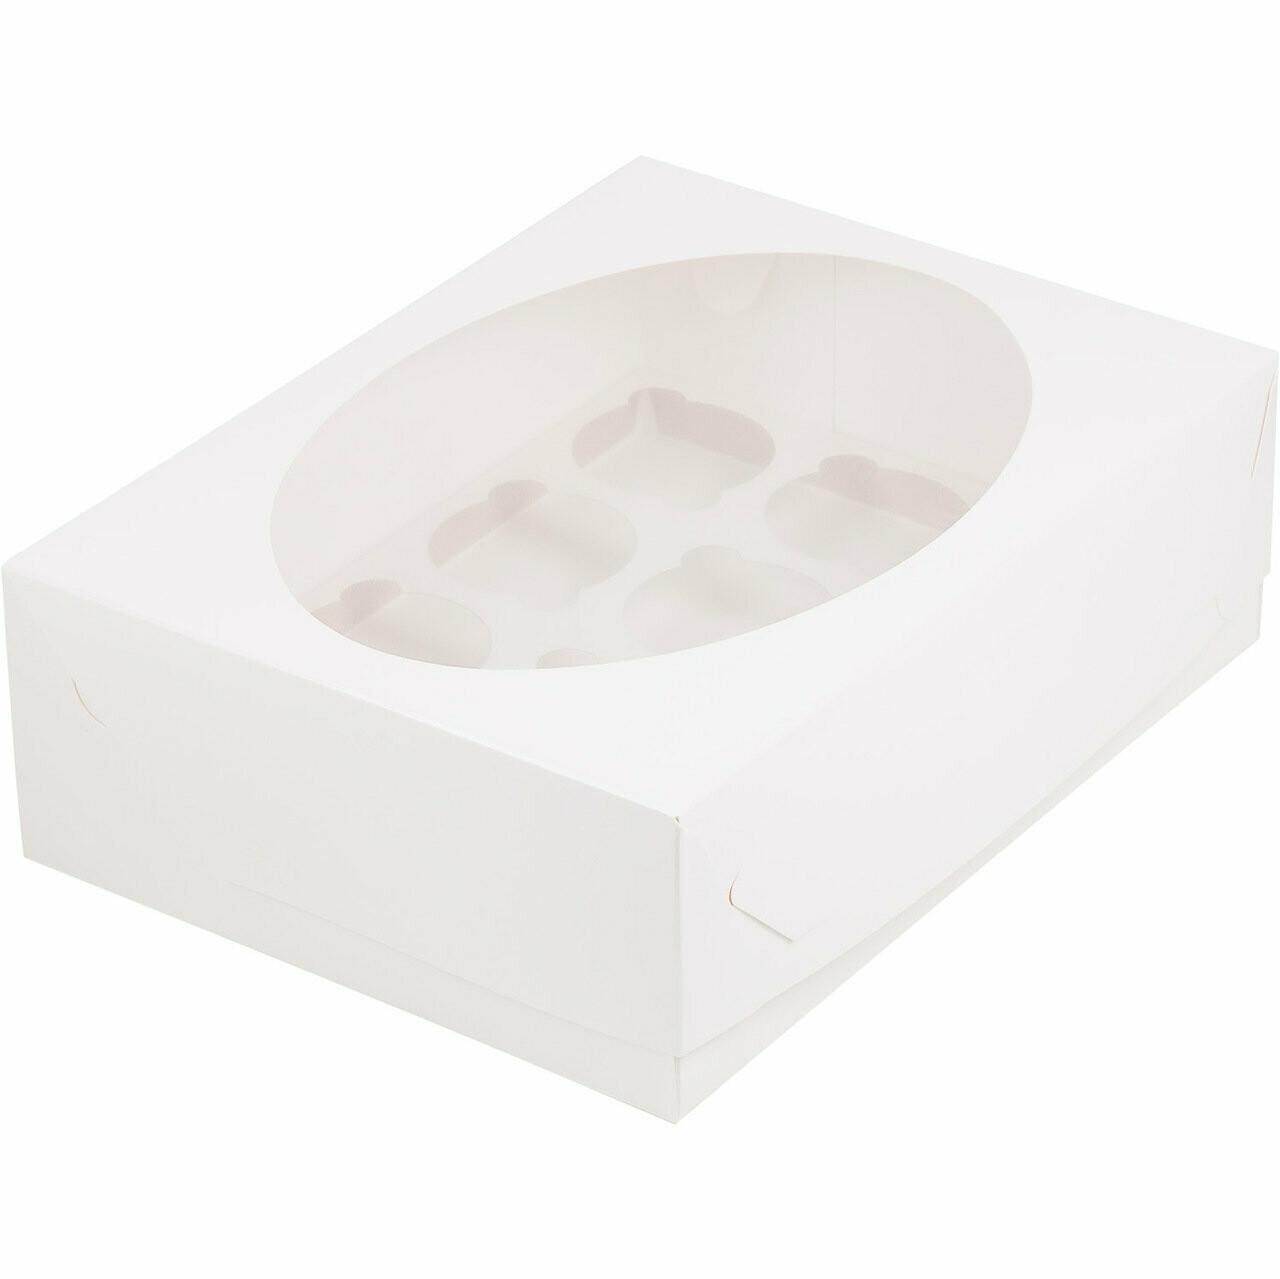 Упаковка для капкейков белая с окном на 12 шт